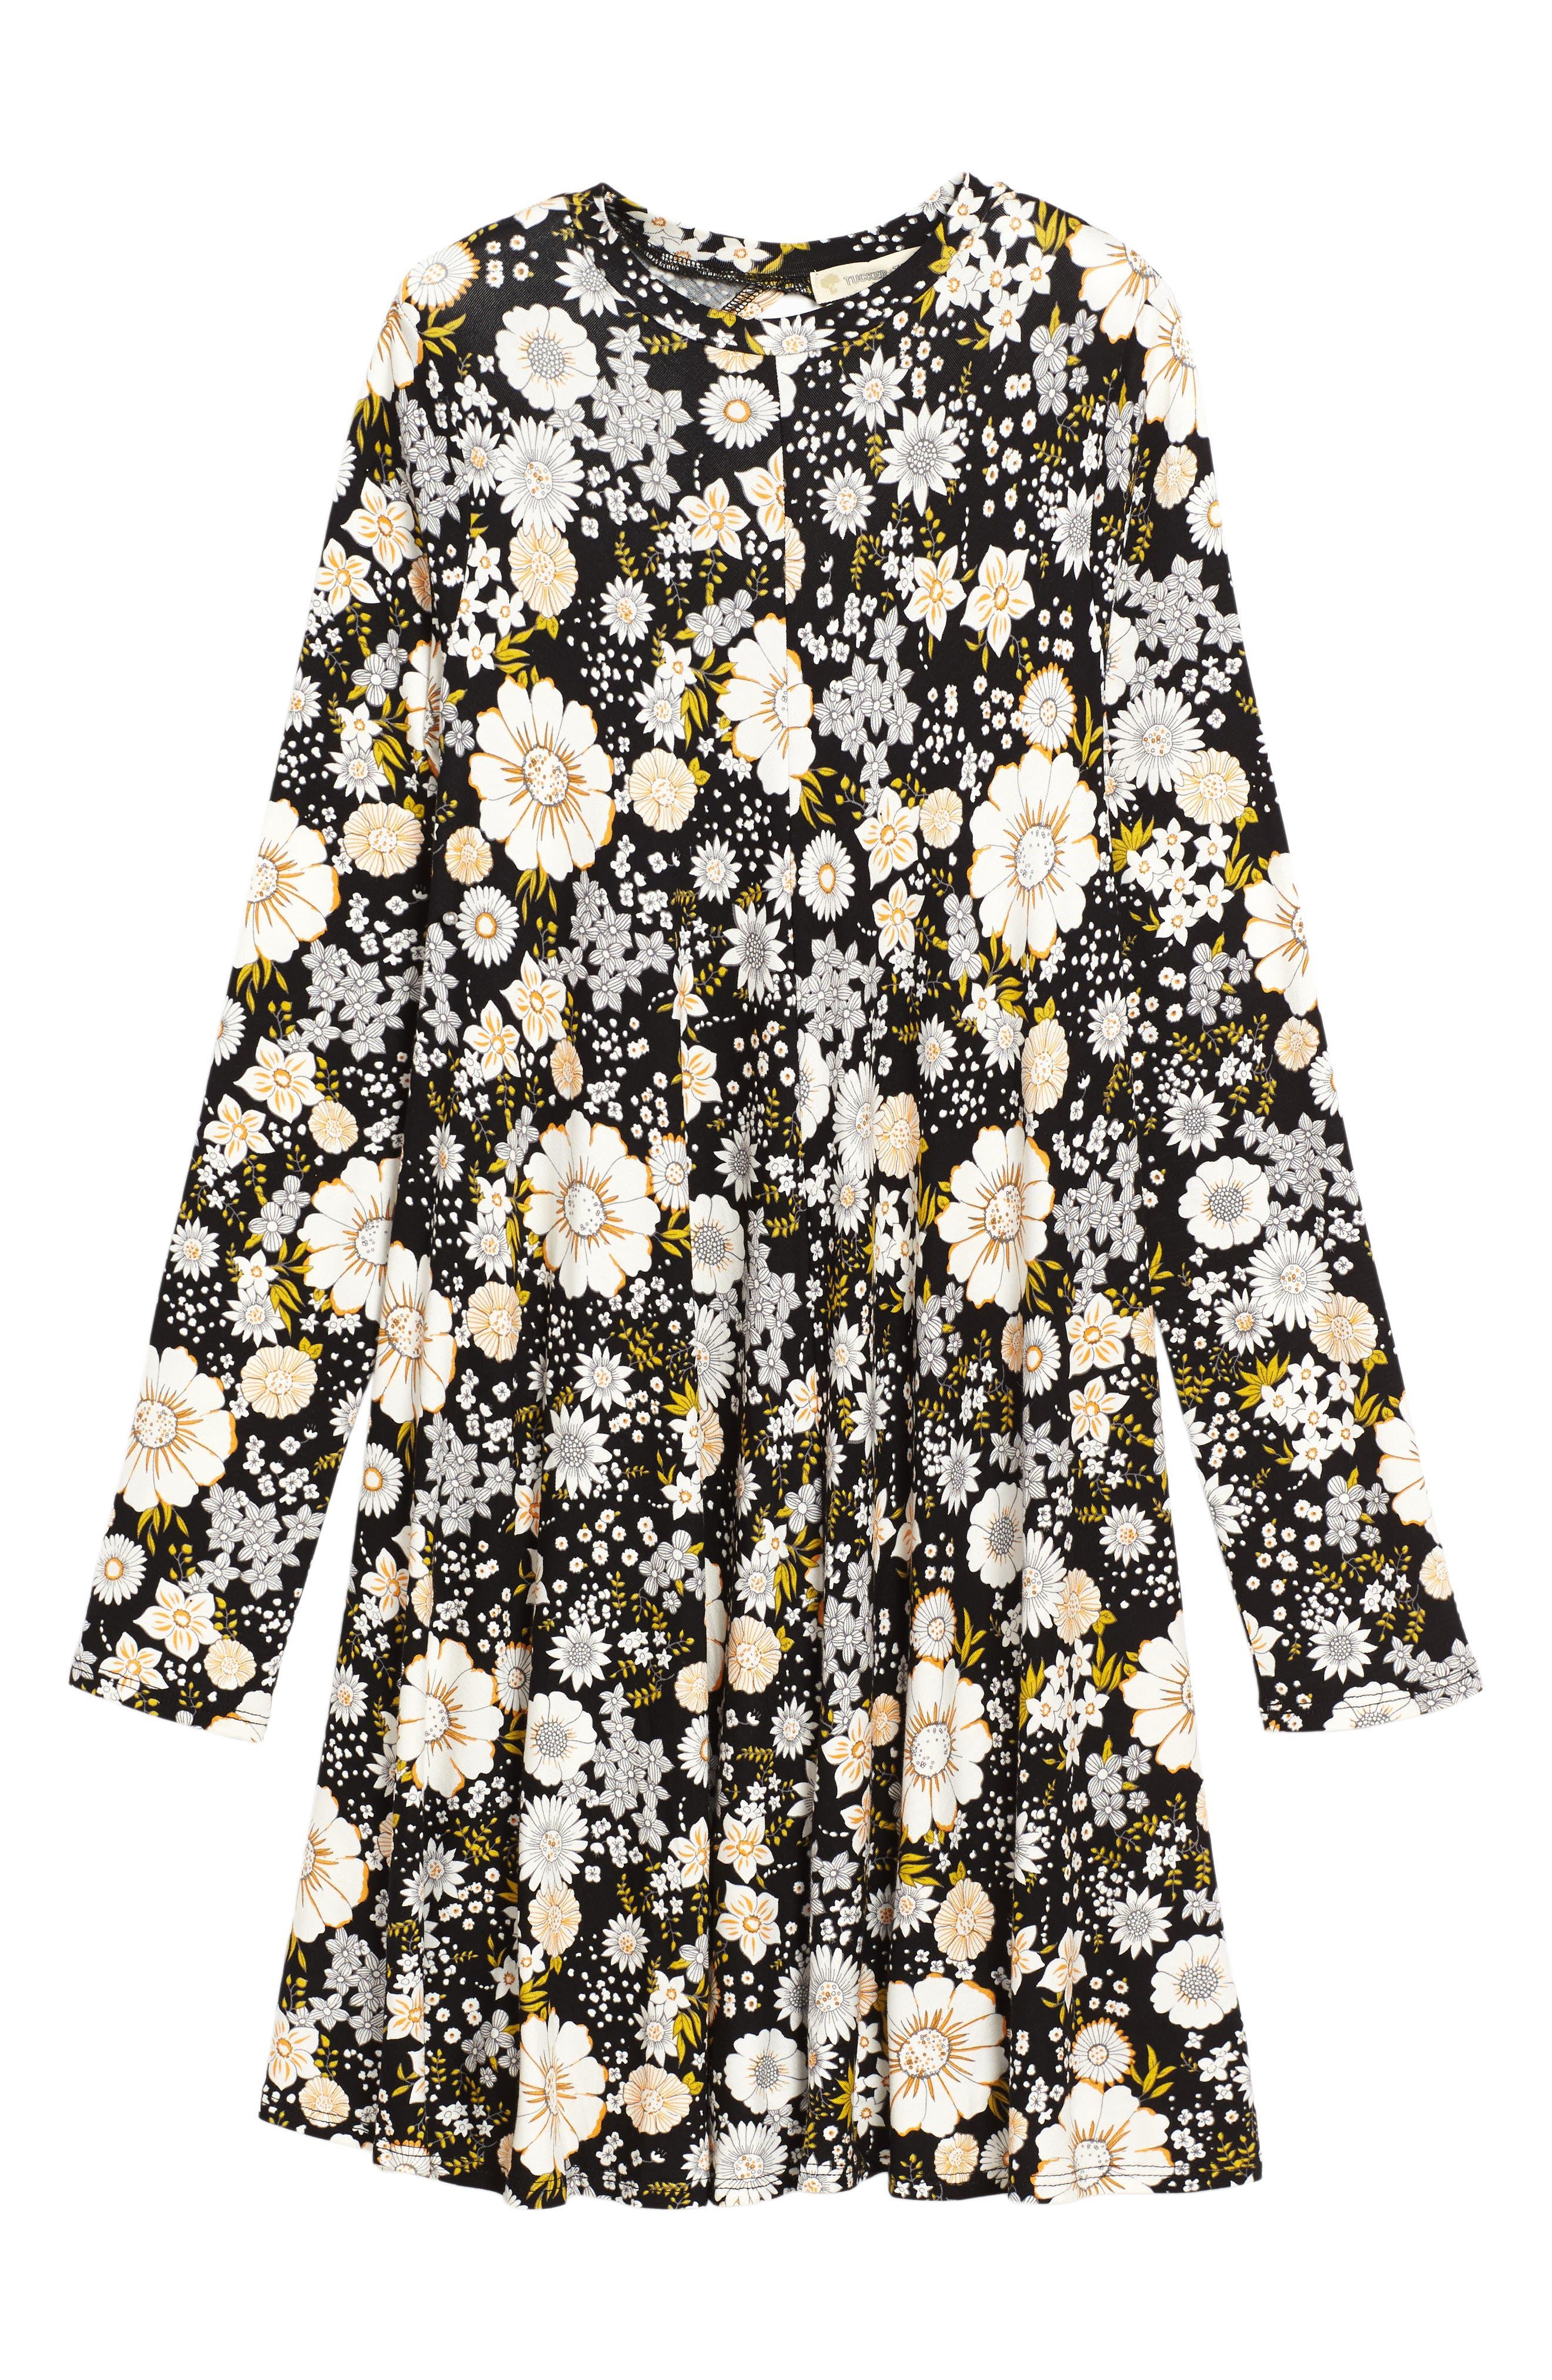 Floral Print Knit A-Line Dress,                             Main thumbnail 1, color,                             001